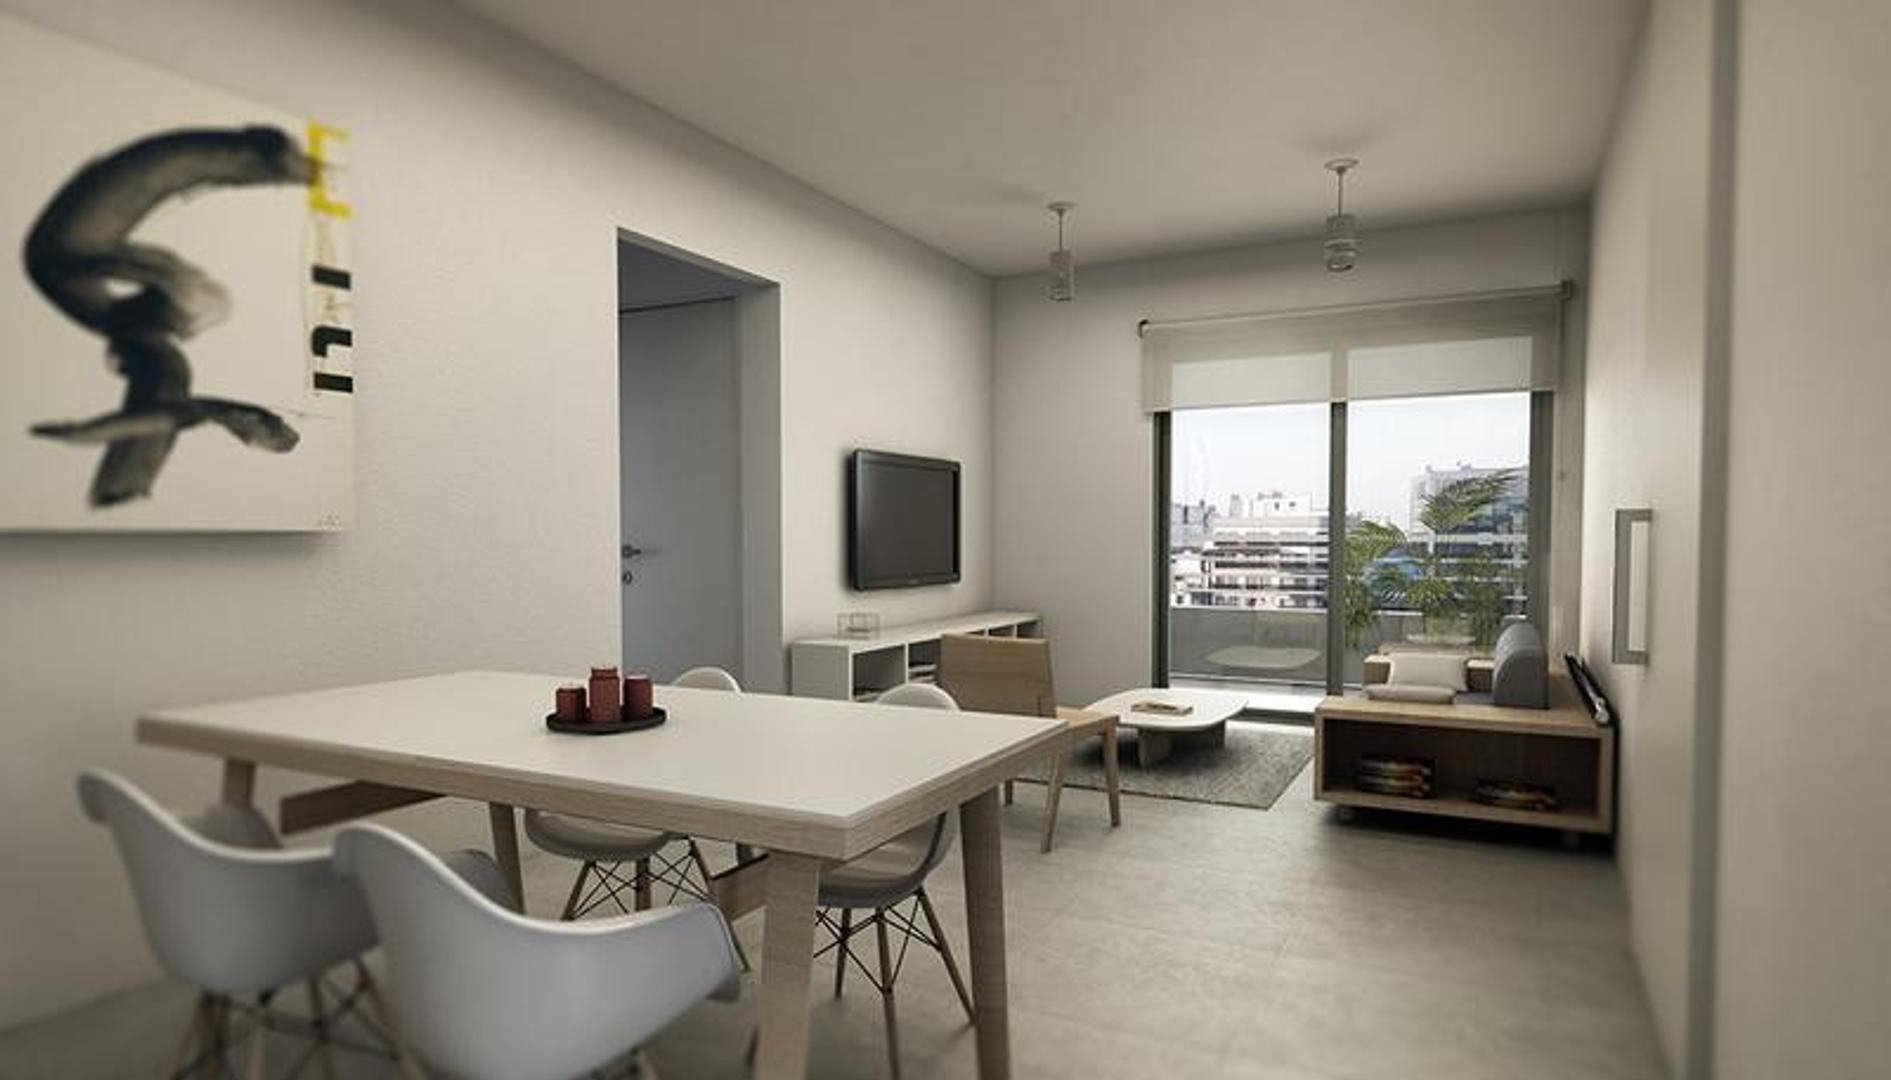 Espectacular departamento 2 ambientes en Fresias Garden. Todos los amenities - Foto 15